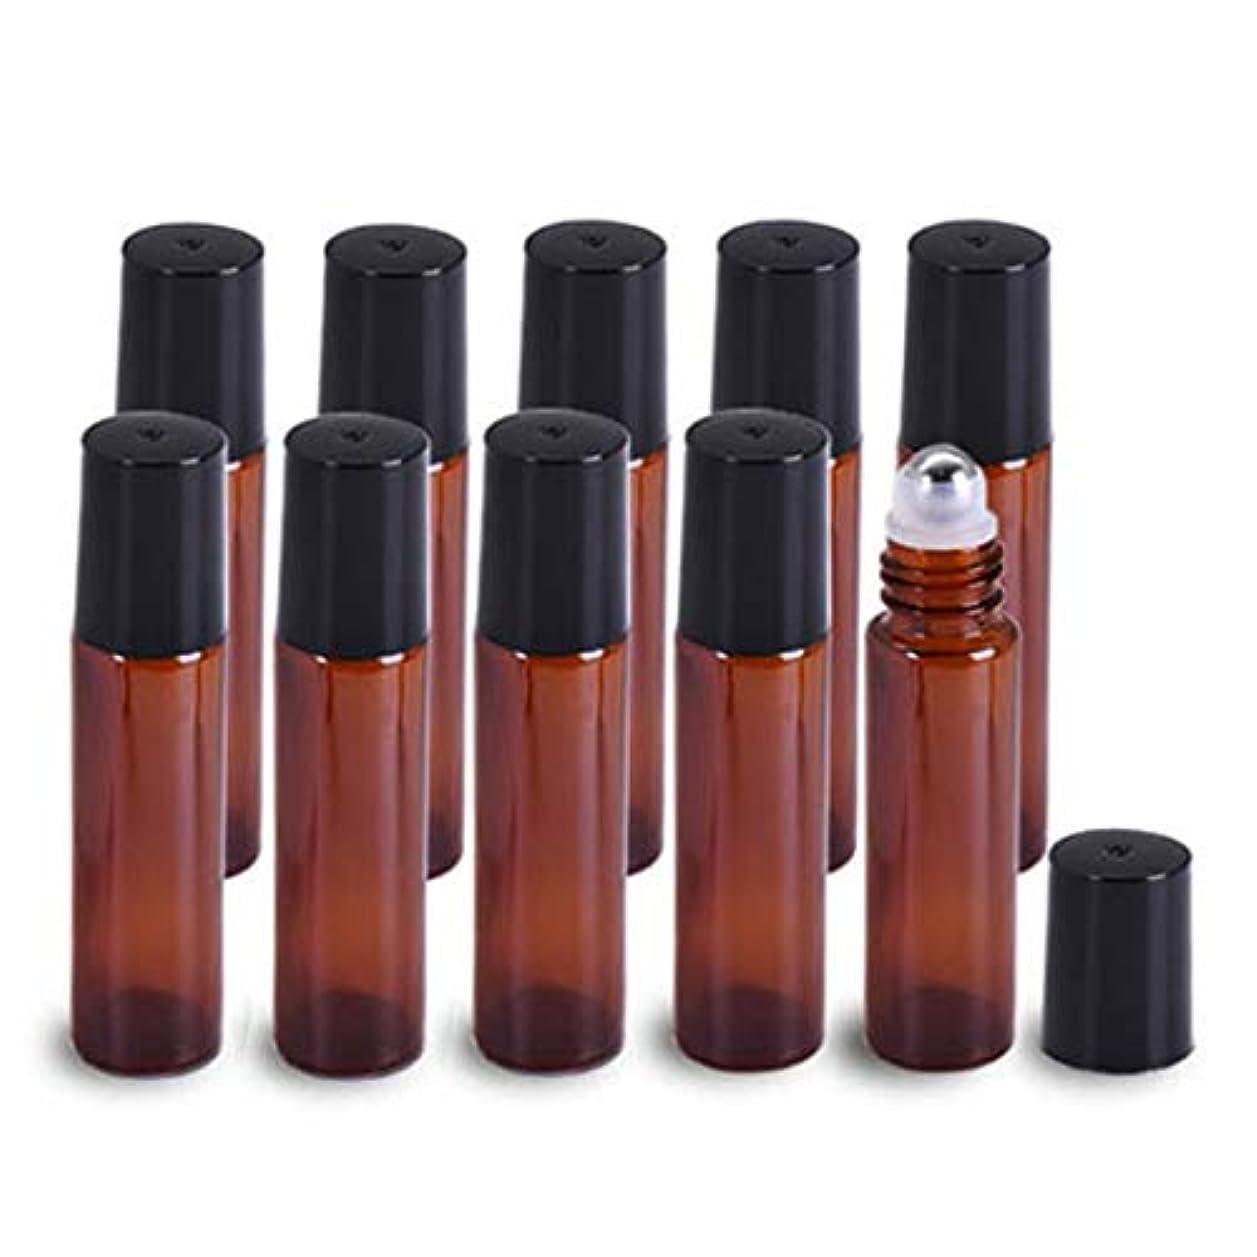 収束する忘れられない電気的Yiteng ロールオンボトル アロマオイル アロマボトル ガラスロールタイプ 遮光瓶 保存容器 小分け用 茶色 収納ケース付き 10ml 10本セット